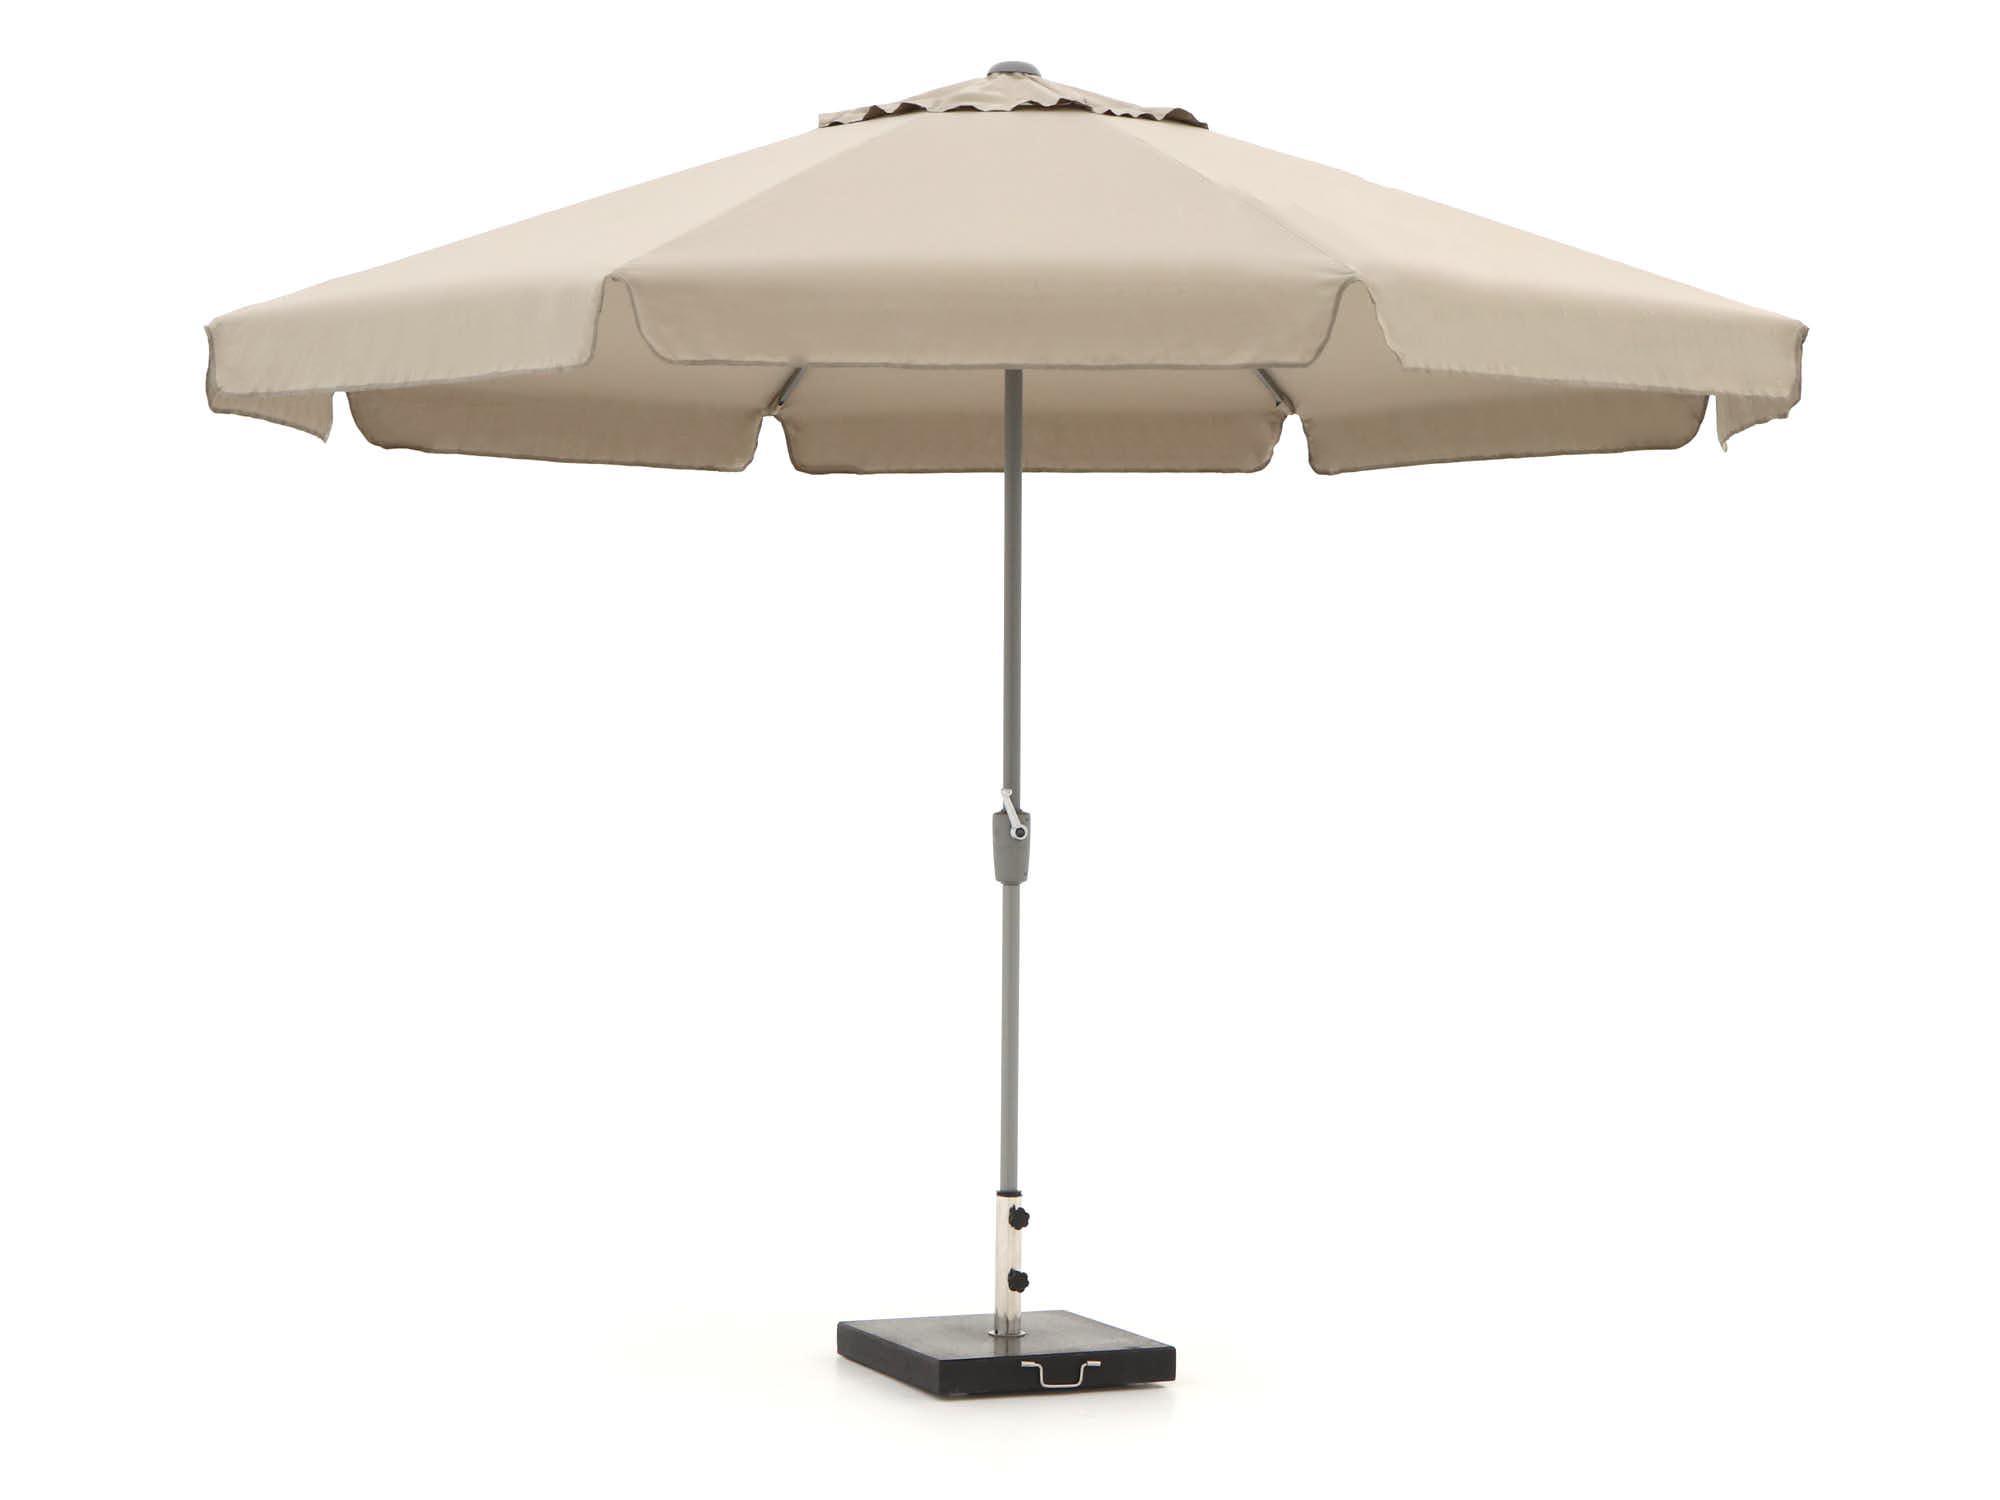 Shadowline Aruba parasol ø 350cm - Laagste prijsgarantie!